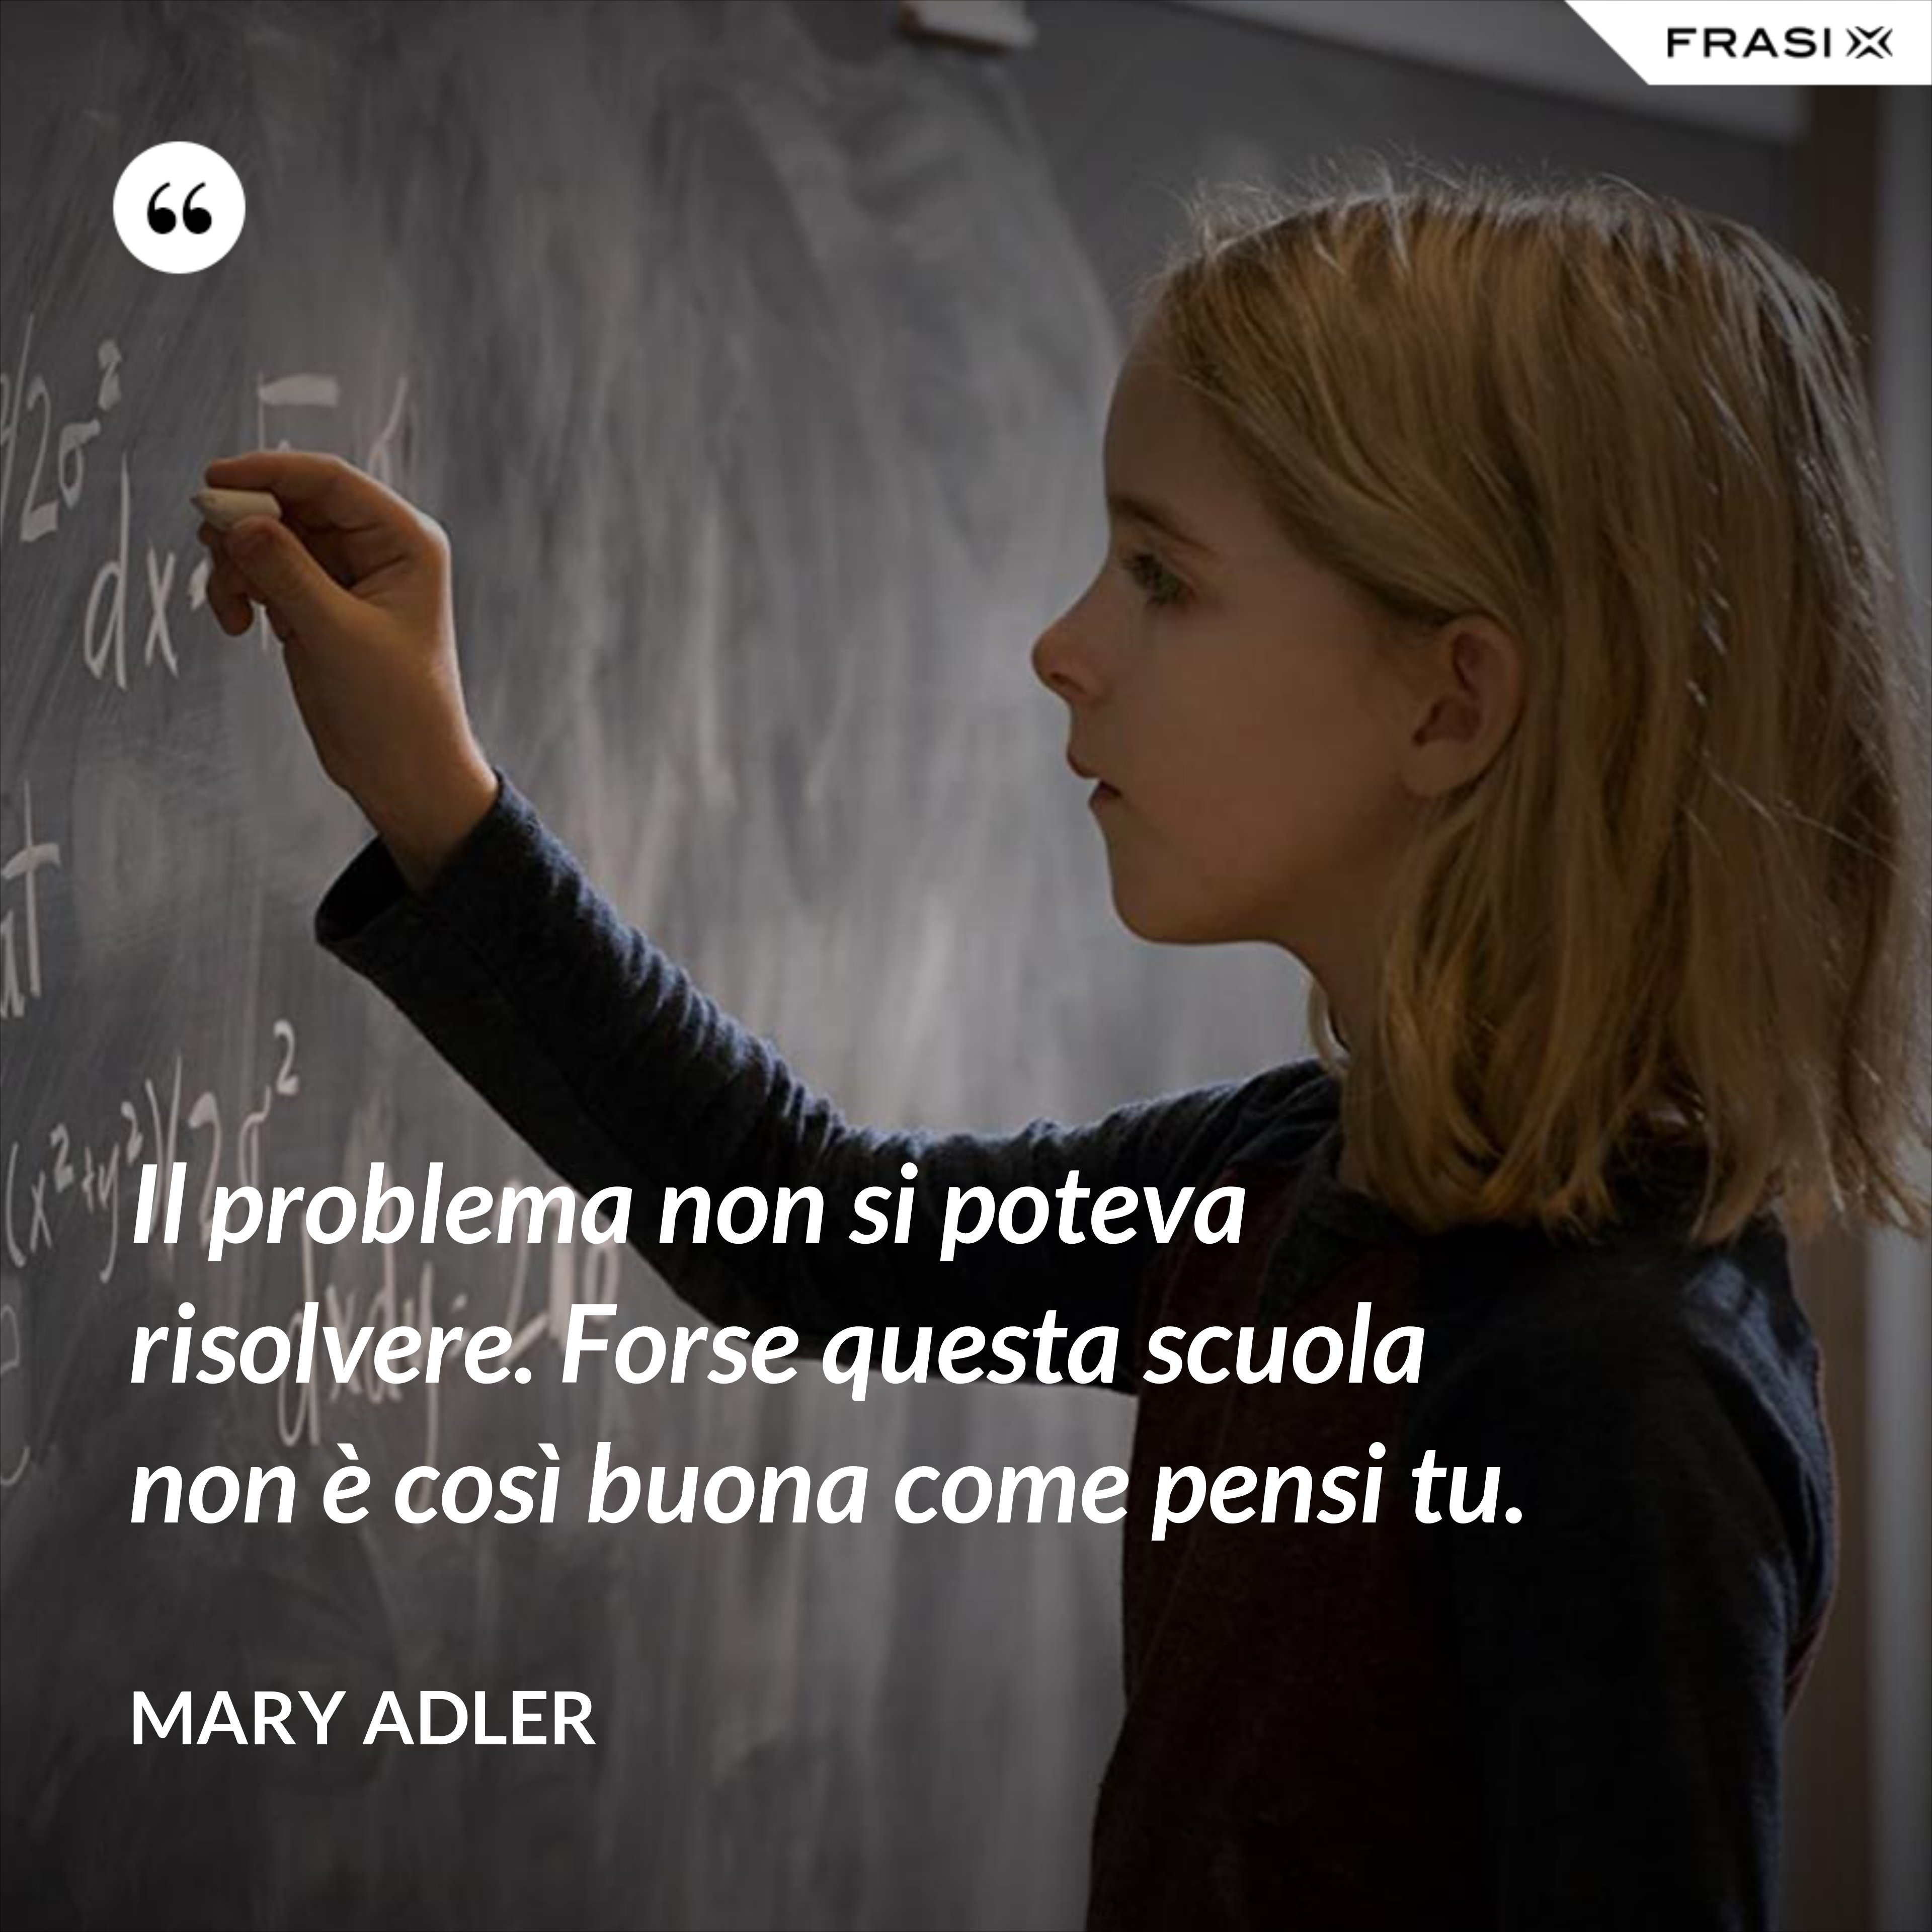 Il problema non si poteva risolvere. Forse questa scuola non è così buona come pensi tu. - Mary Adler